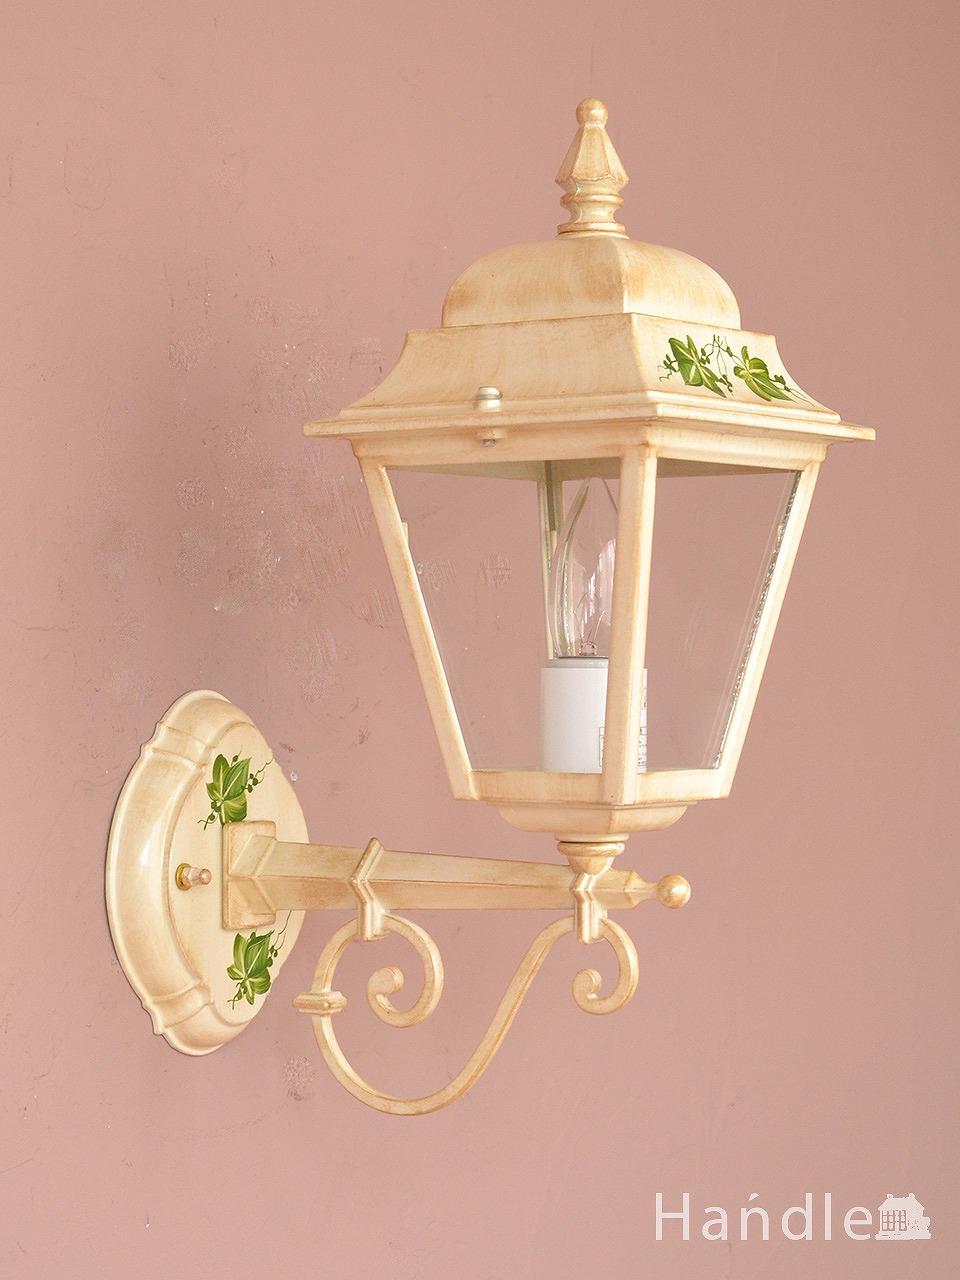 アンティーク調のおしゃれな外灯、葉っぱの模様が可愛いイタリアから届いたエクステリアランプ(電球なし) (wr-122)